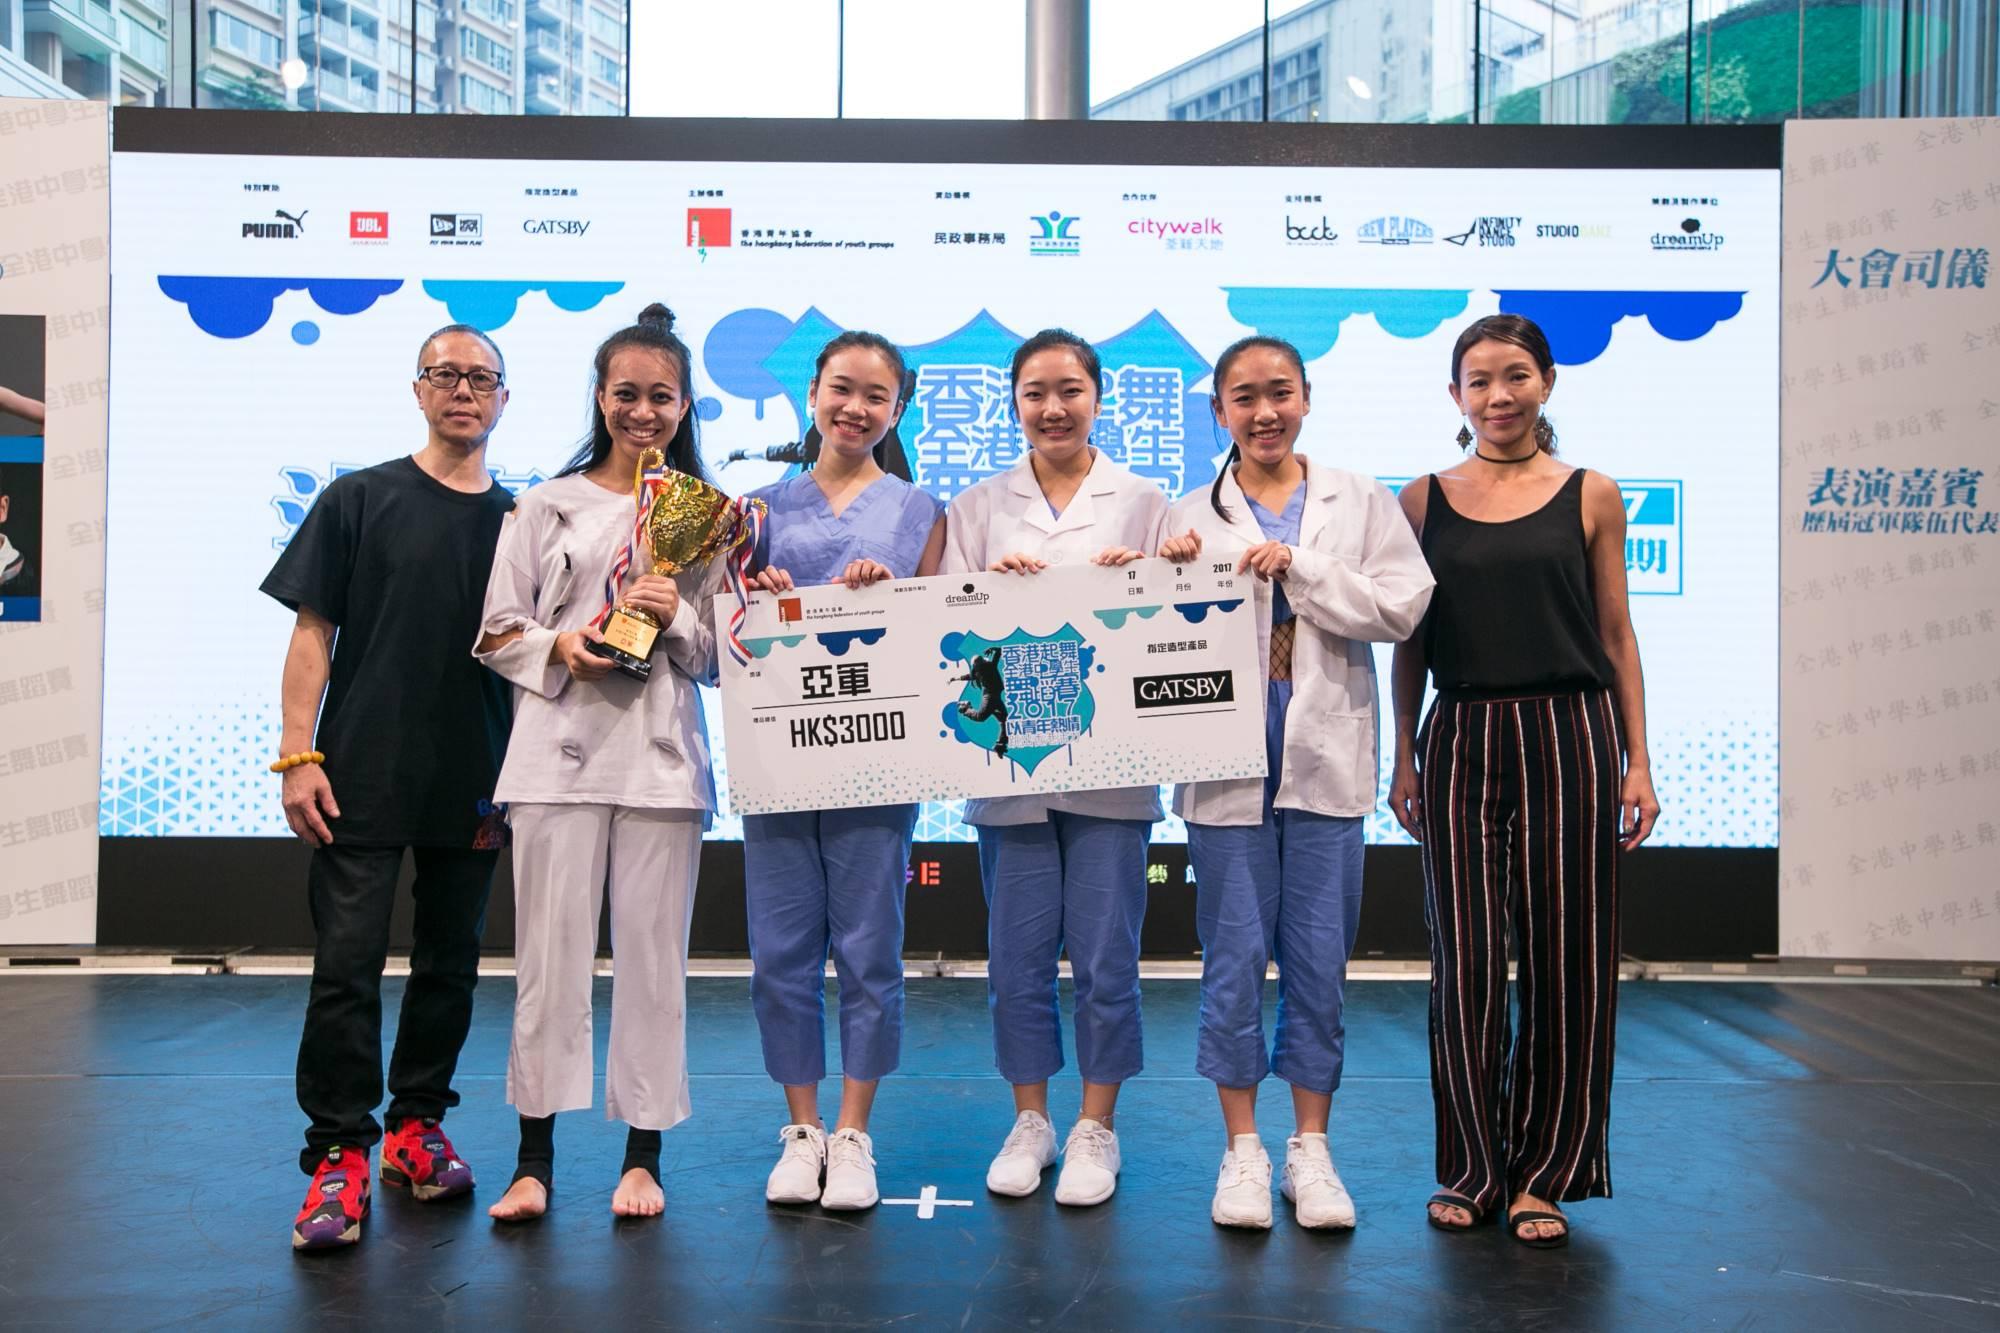 全港中學生2017得獎隊伍 (5)